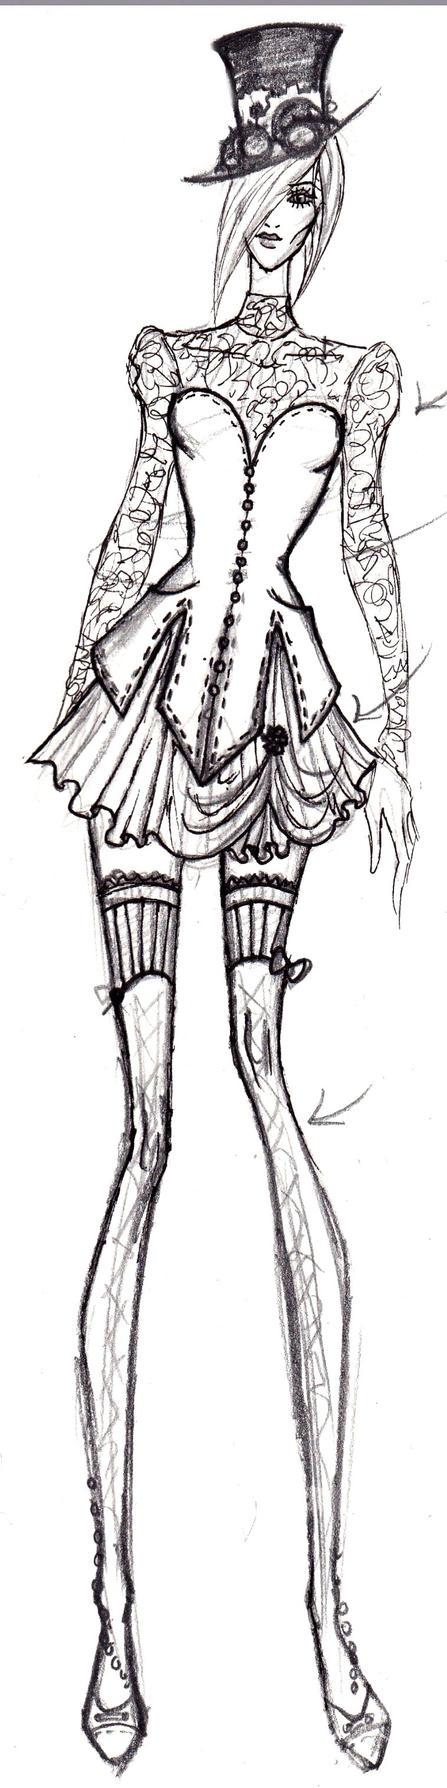 Steampunk Fashion Steampunk Fashion Sketch 8 by